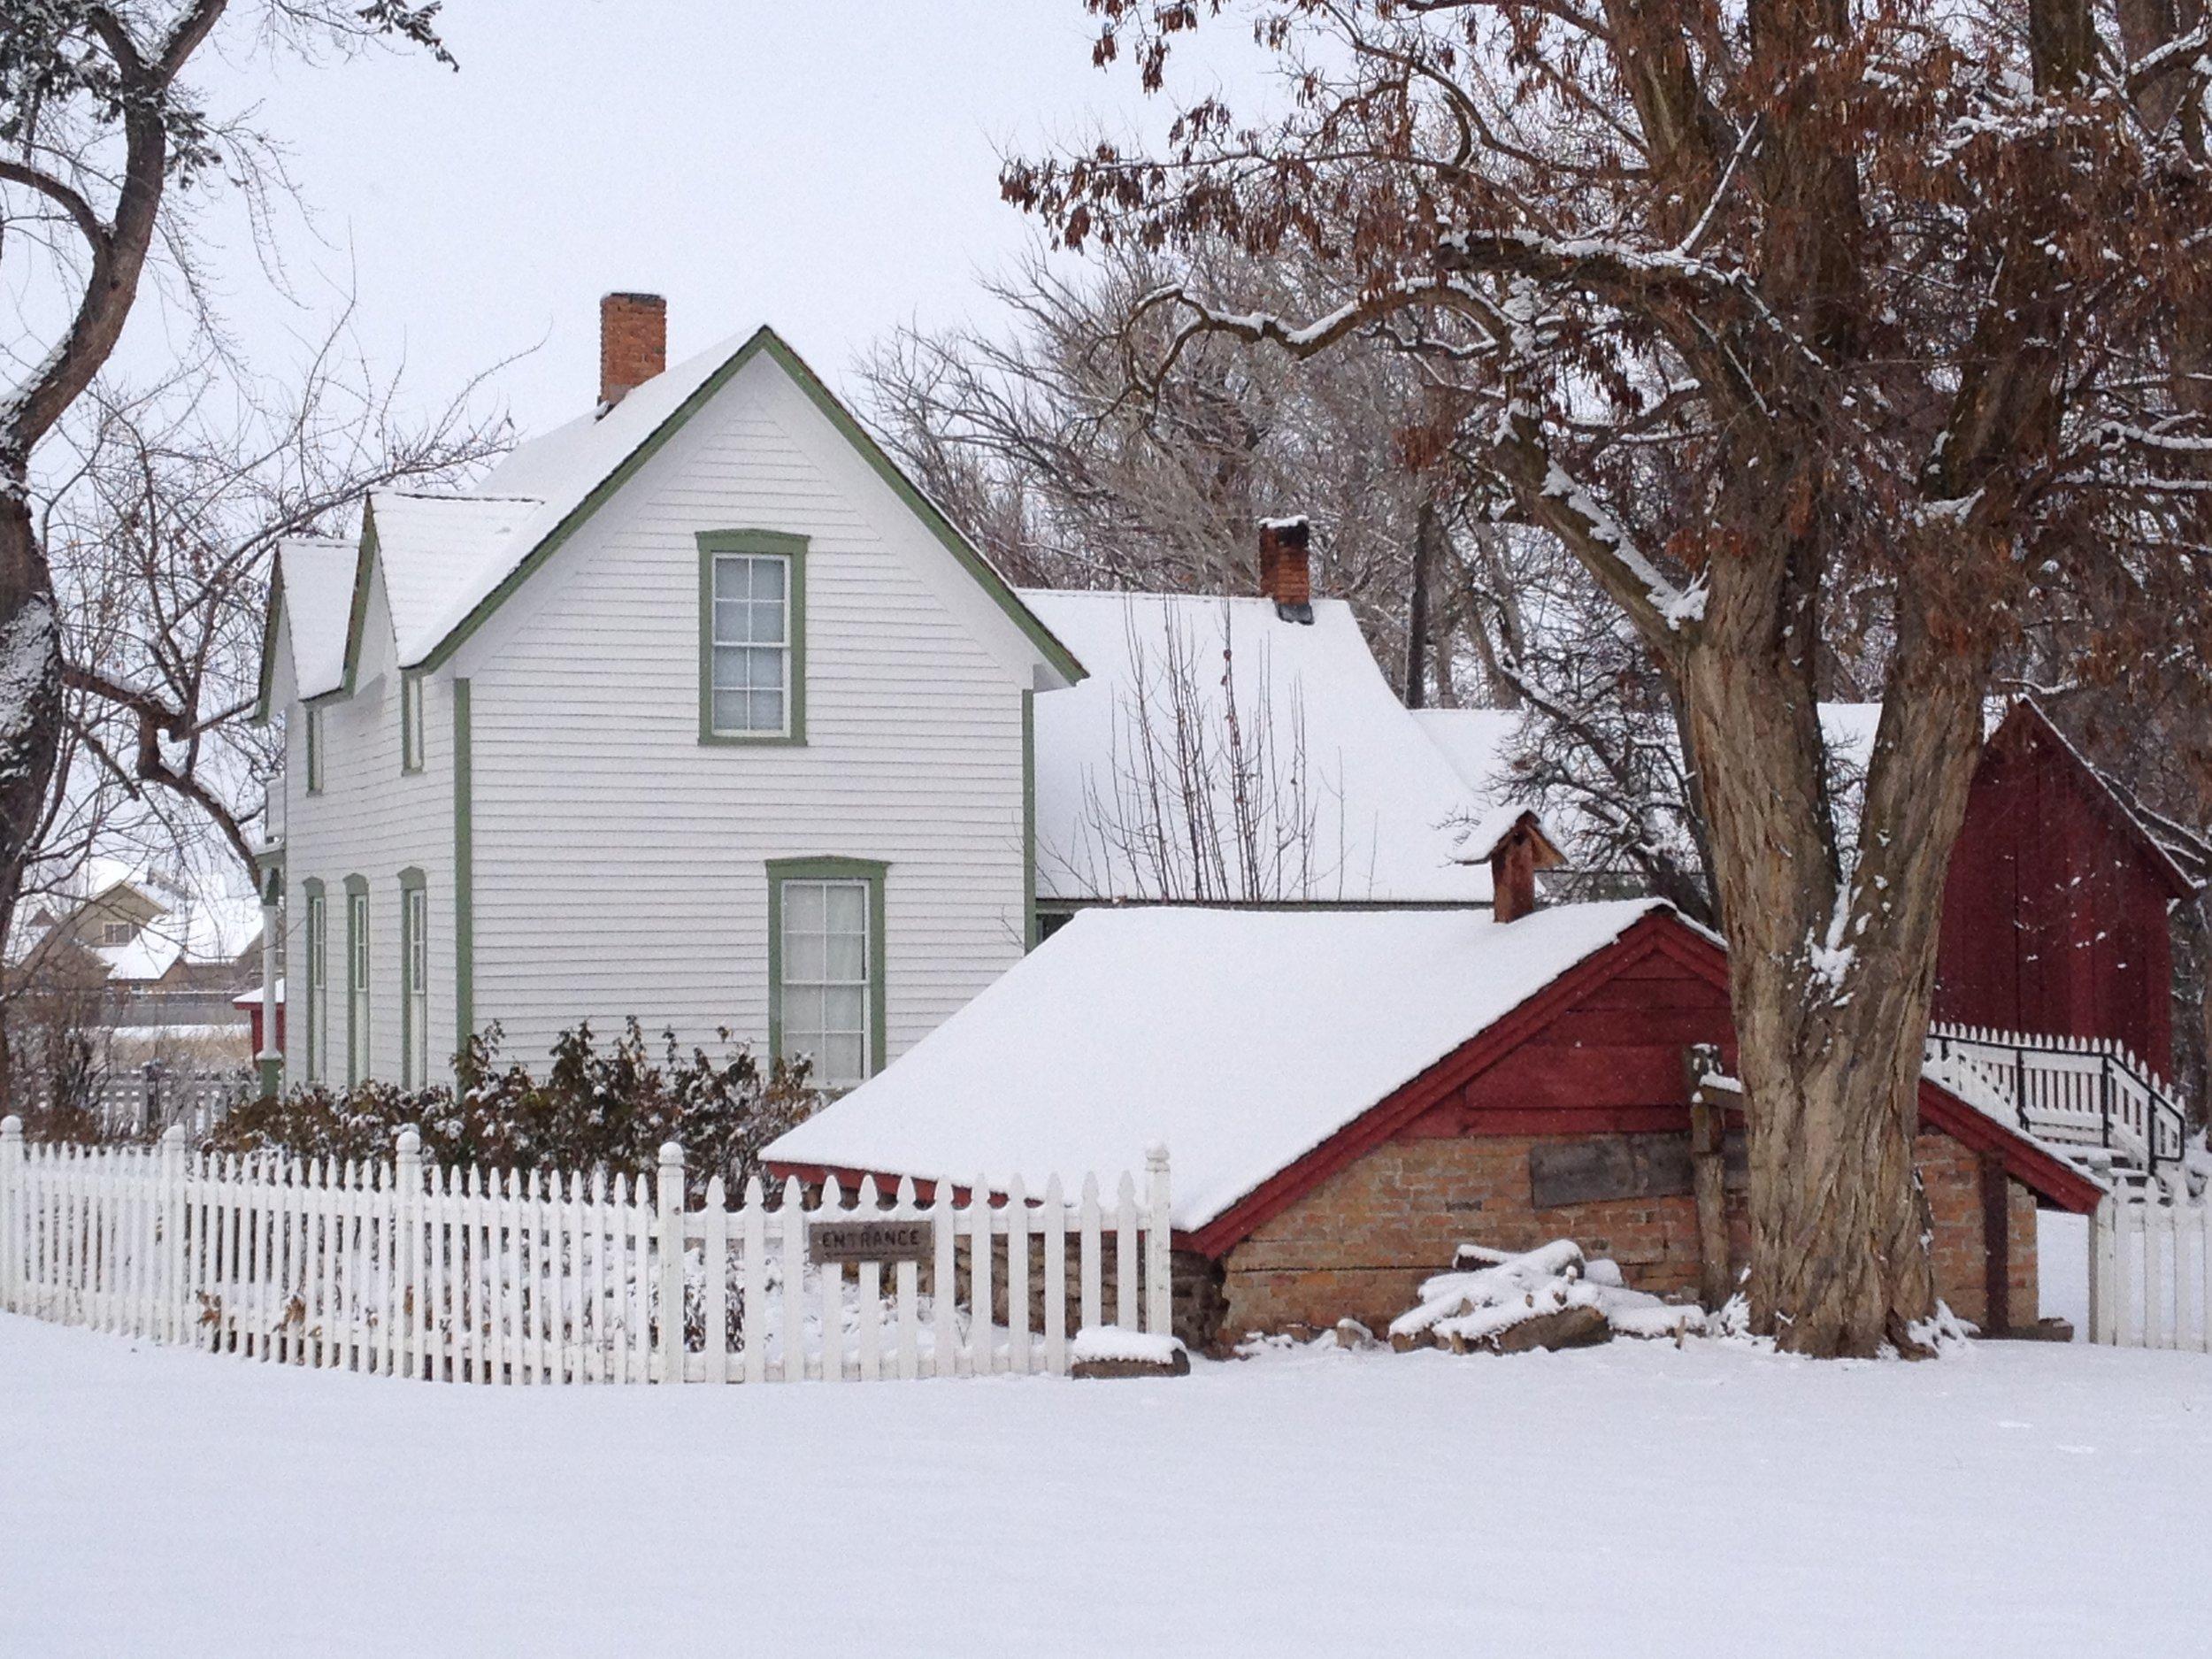 Schick-Ostolasa Farmhouse in winter 2 [Jay Karamales][2014].JPG